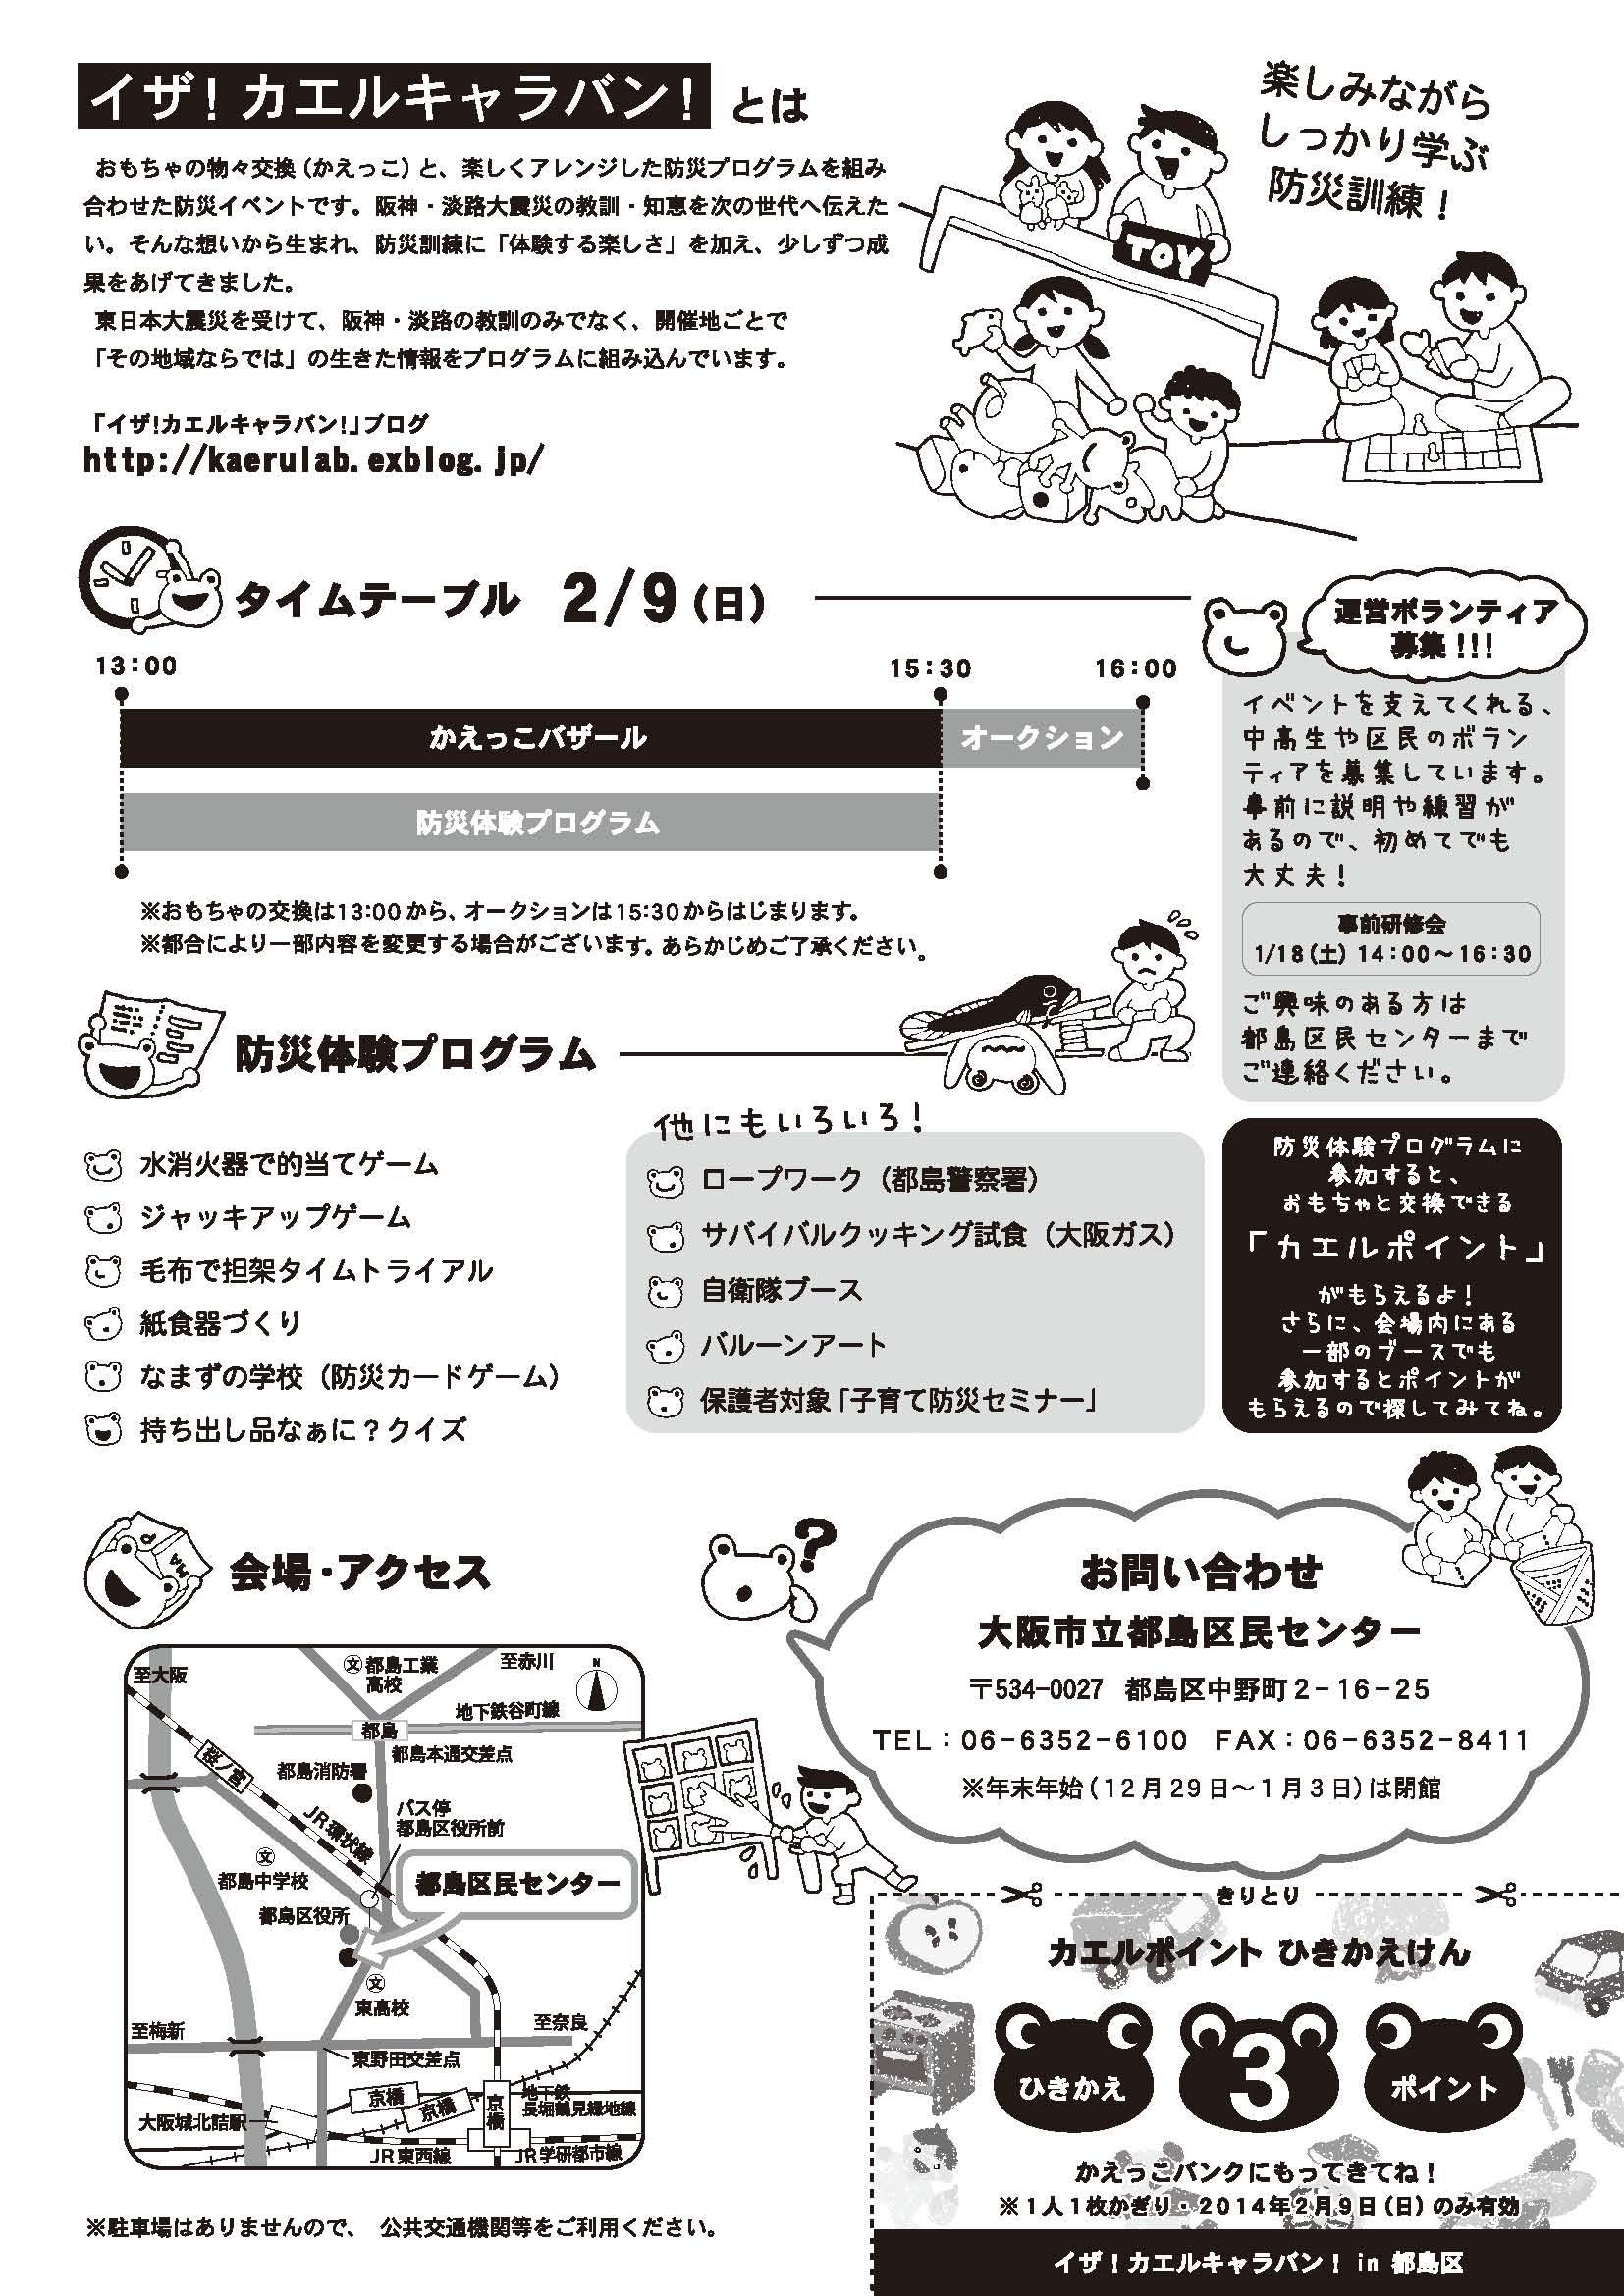 大阪市都島区でのイザ!カエルキャラバン!_b0087598_1623837.jpg